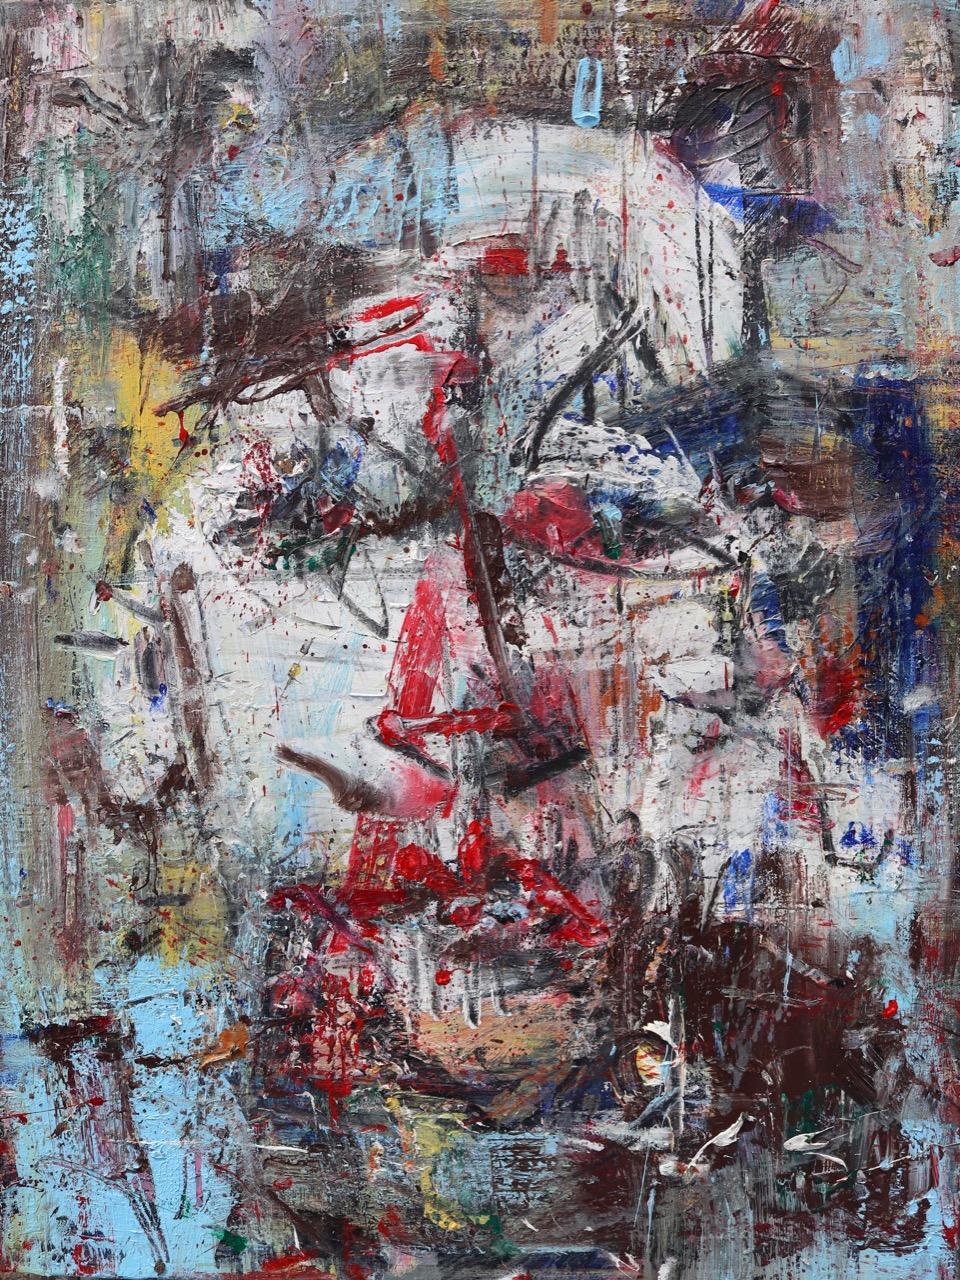 2019 November-Face 1. Acrylic on canvas 73/60 cm.